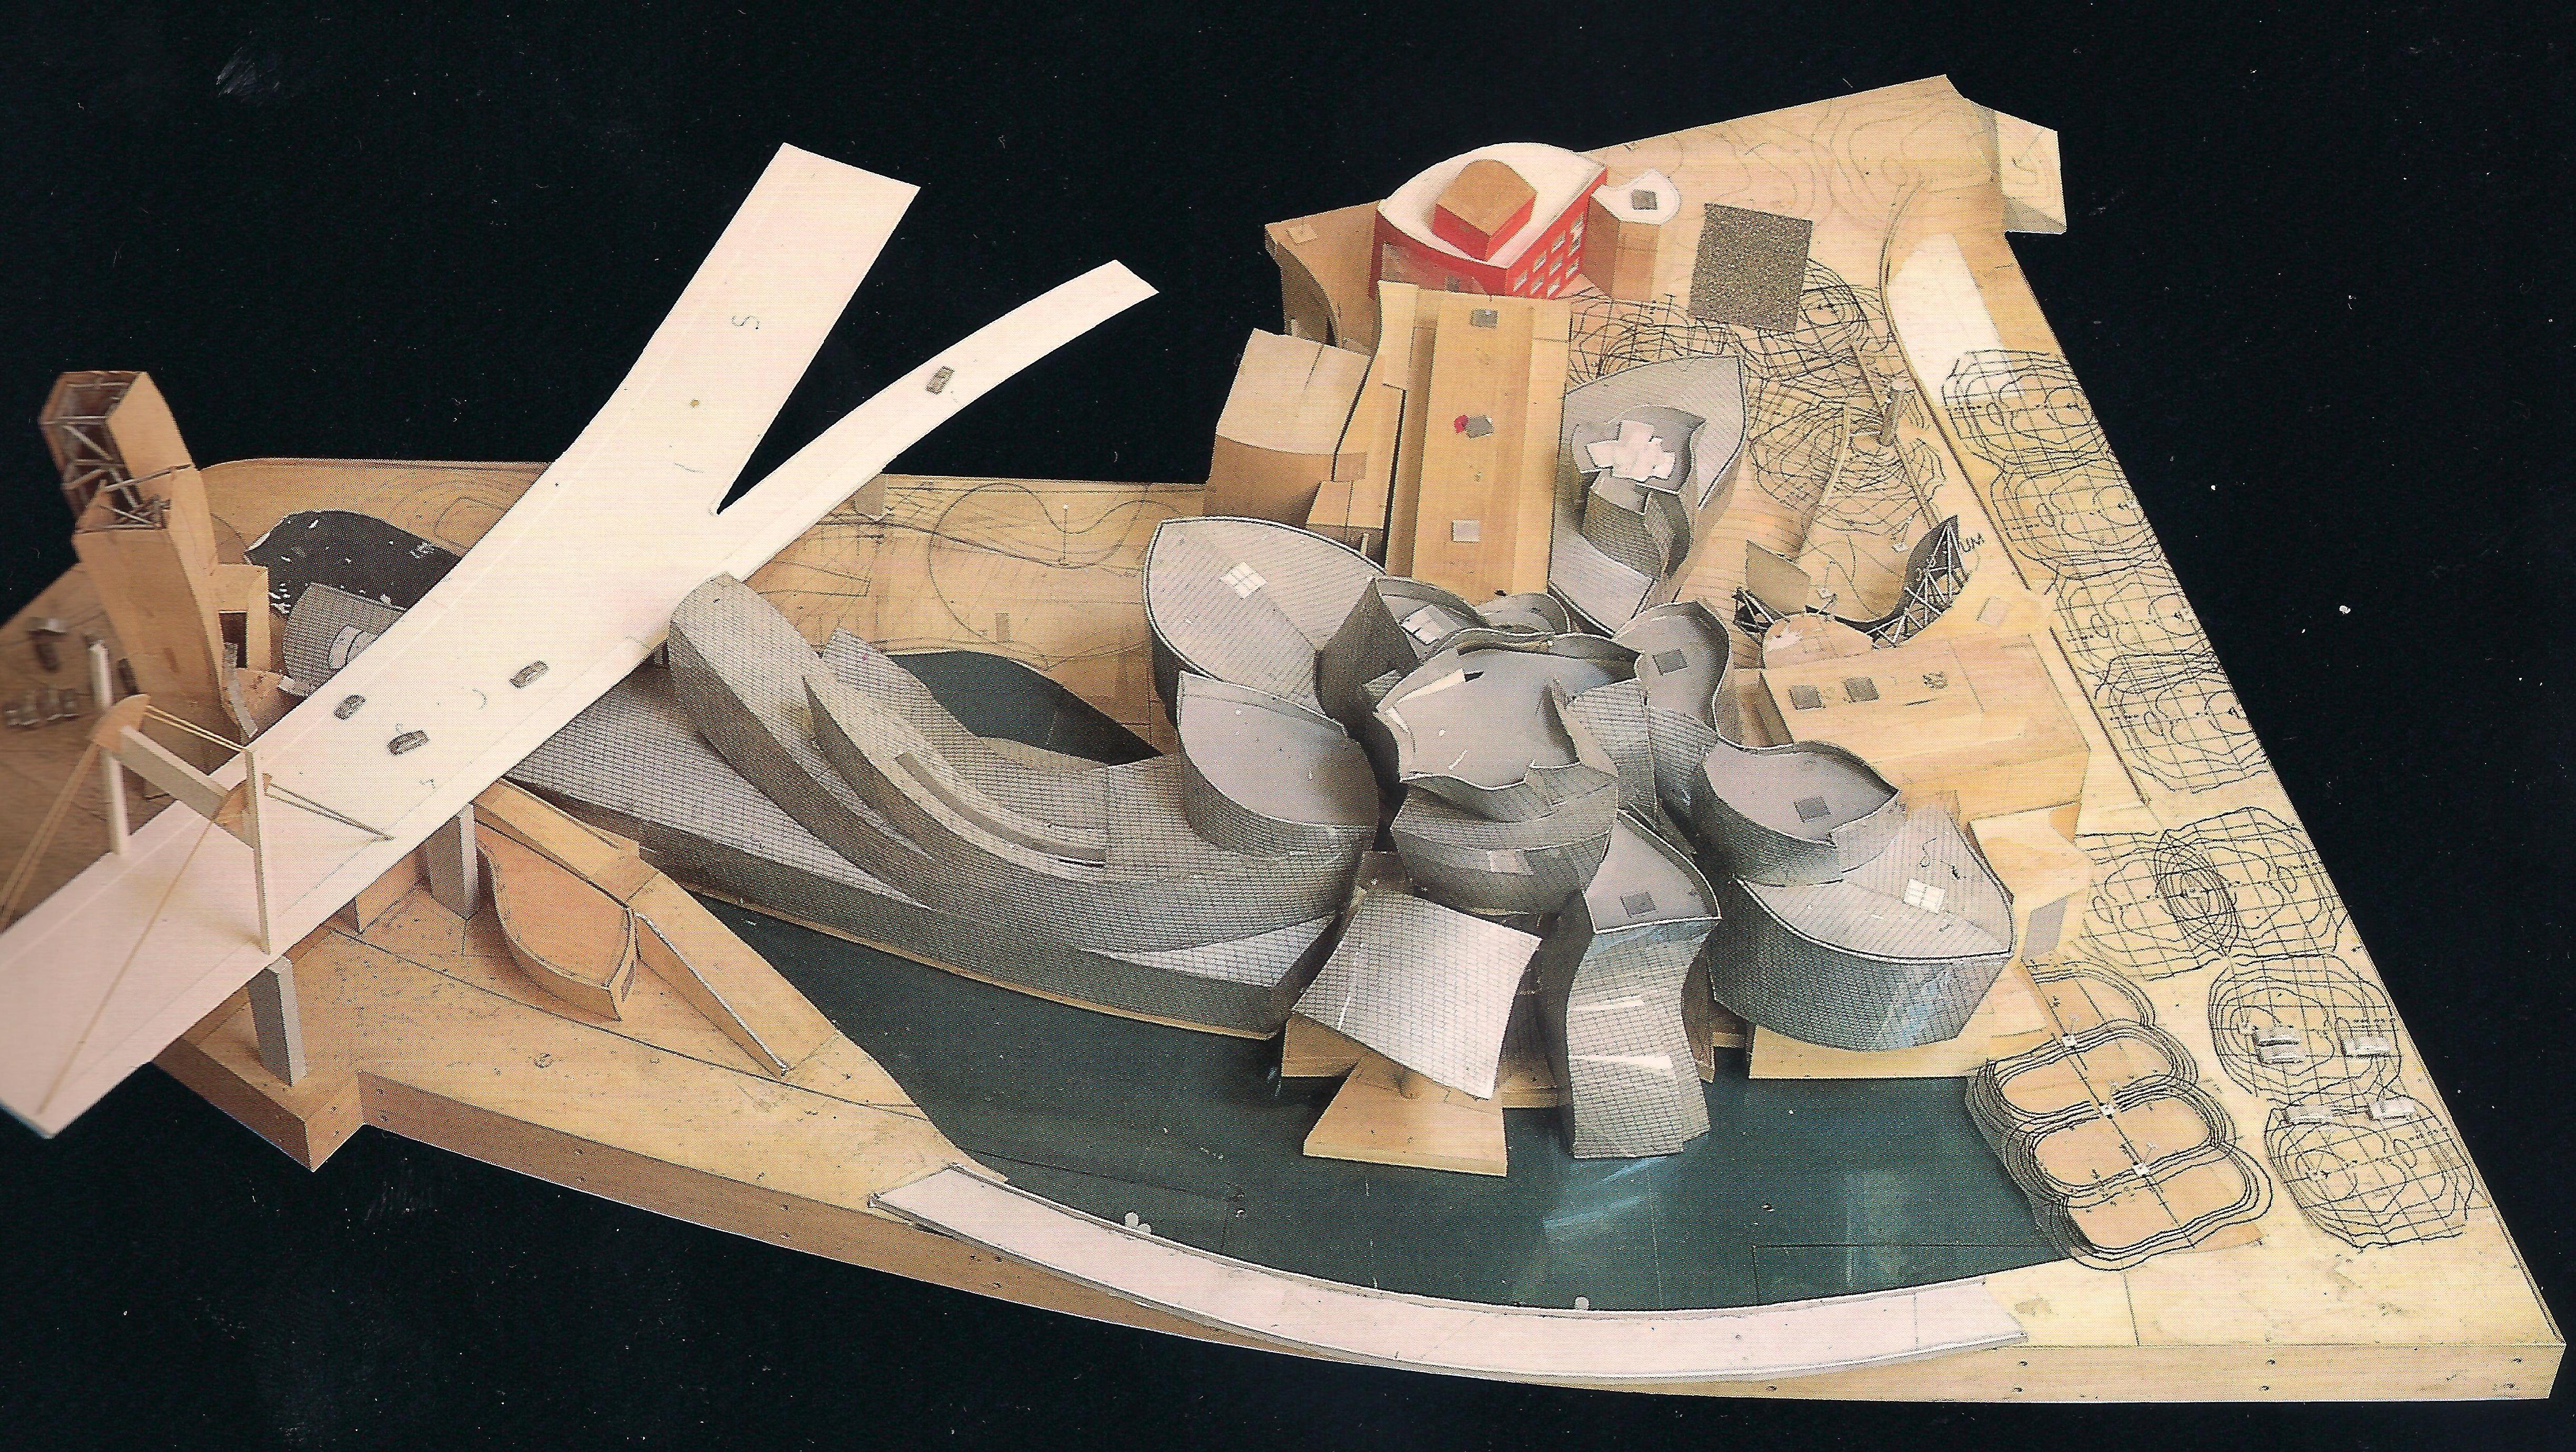 Guggenheim Museum In Bilbao Someone Has Built It Before